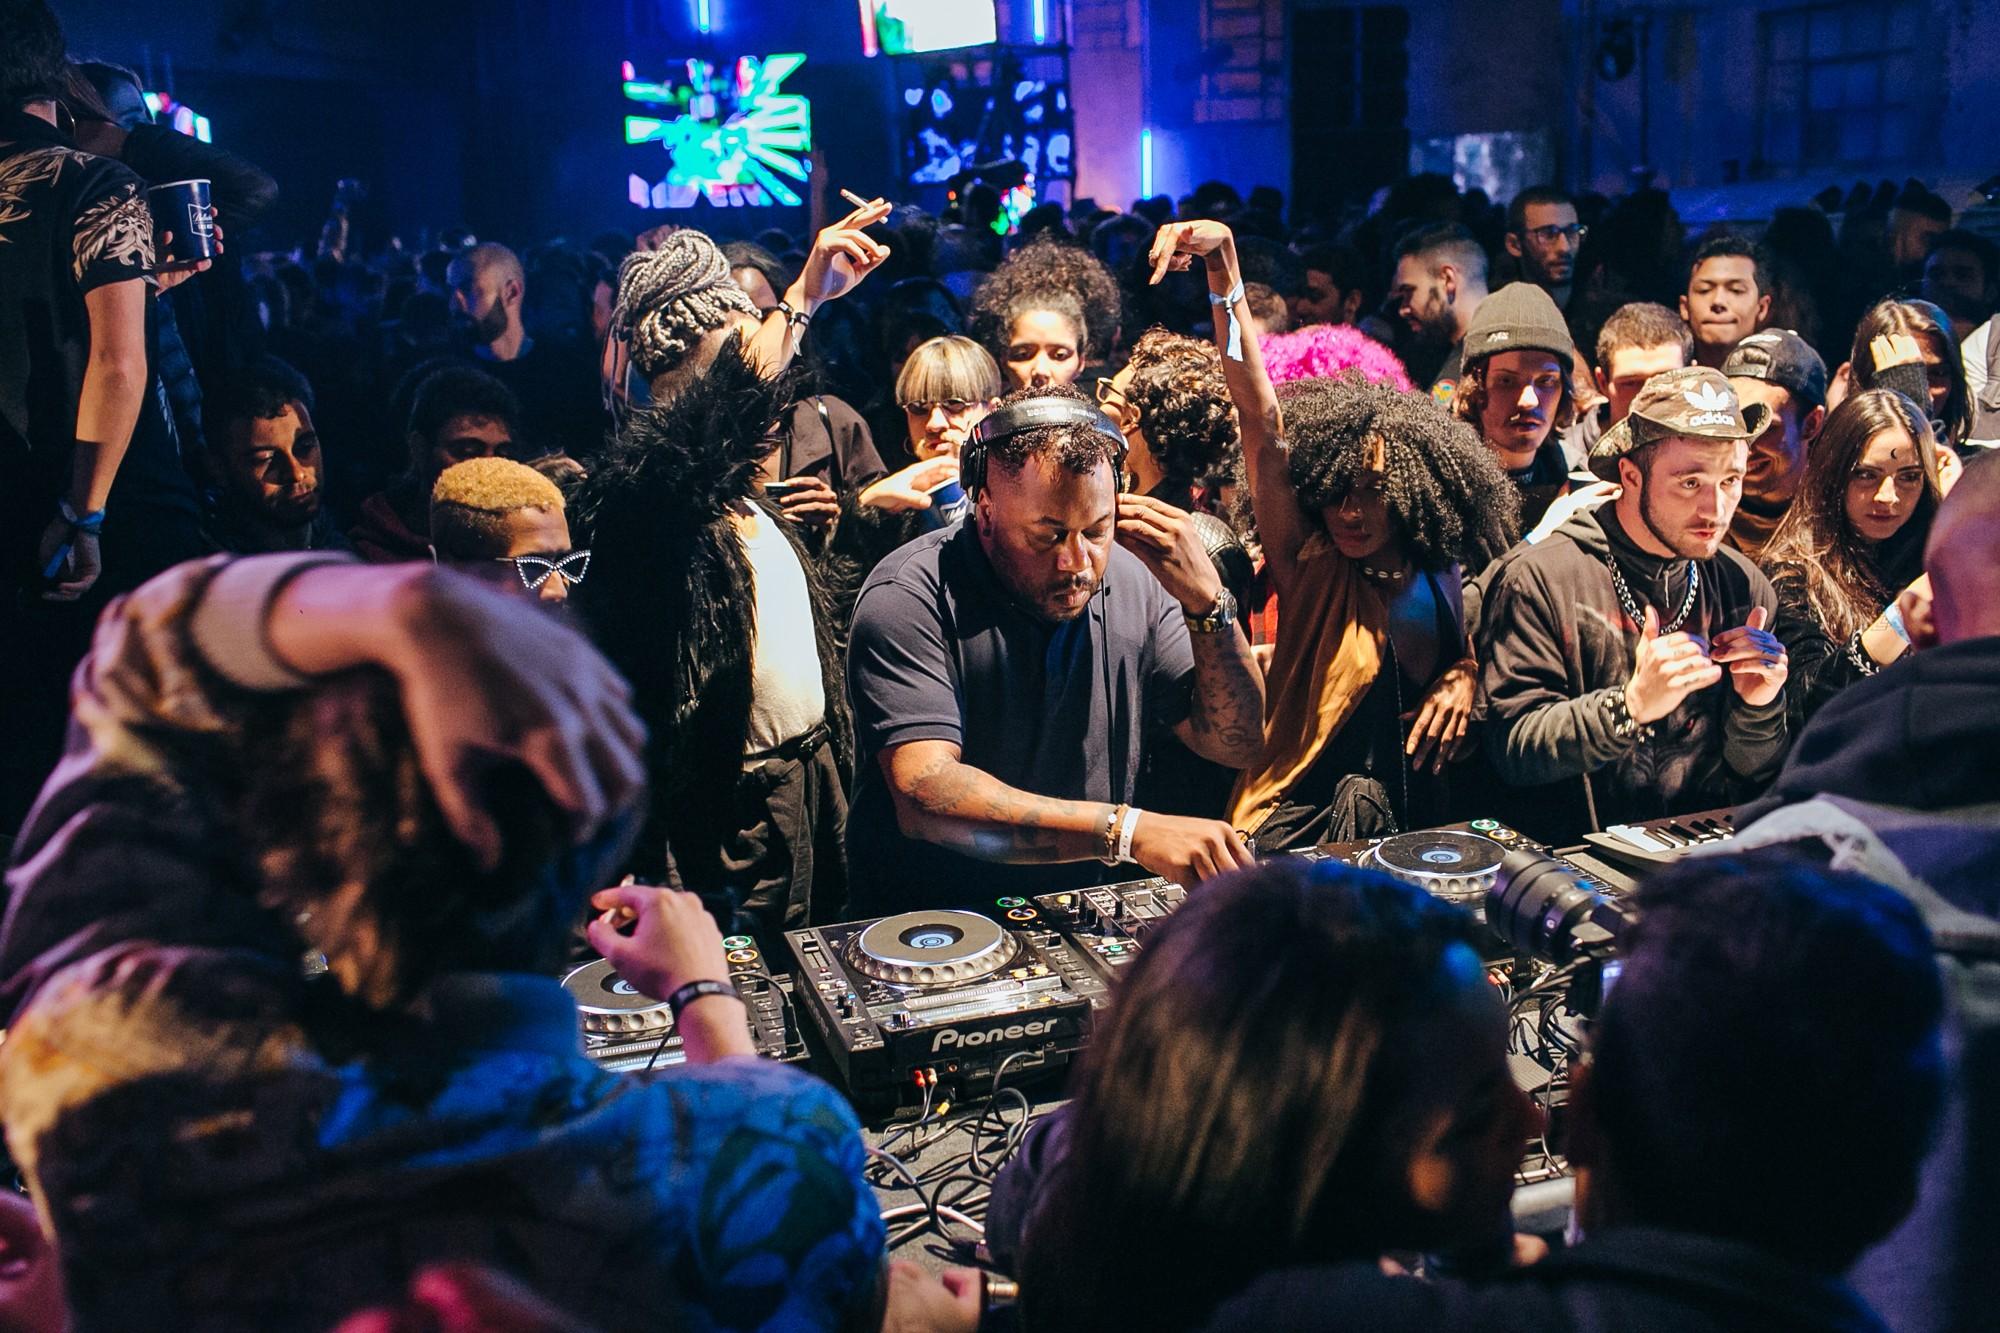 Club scene from Brazil